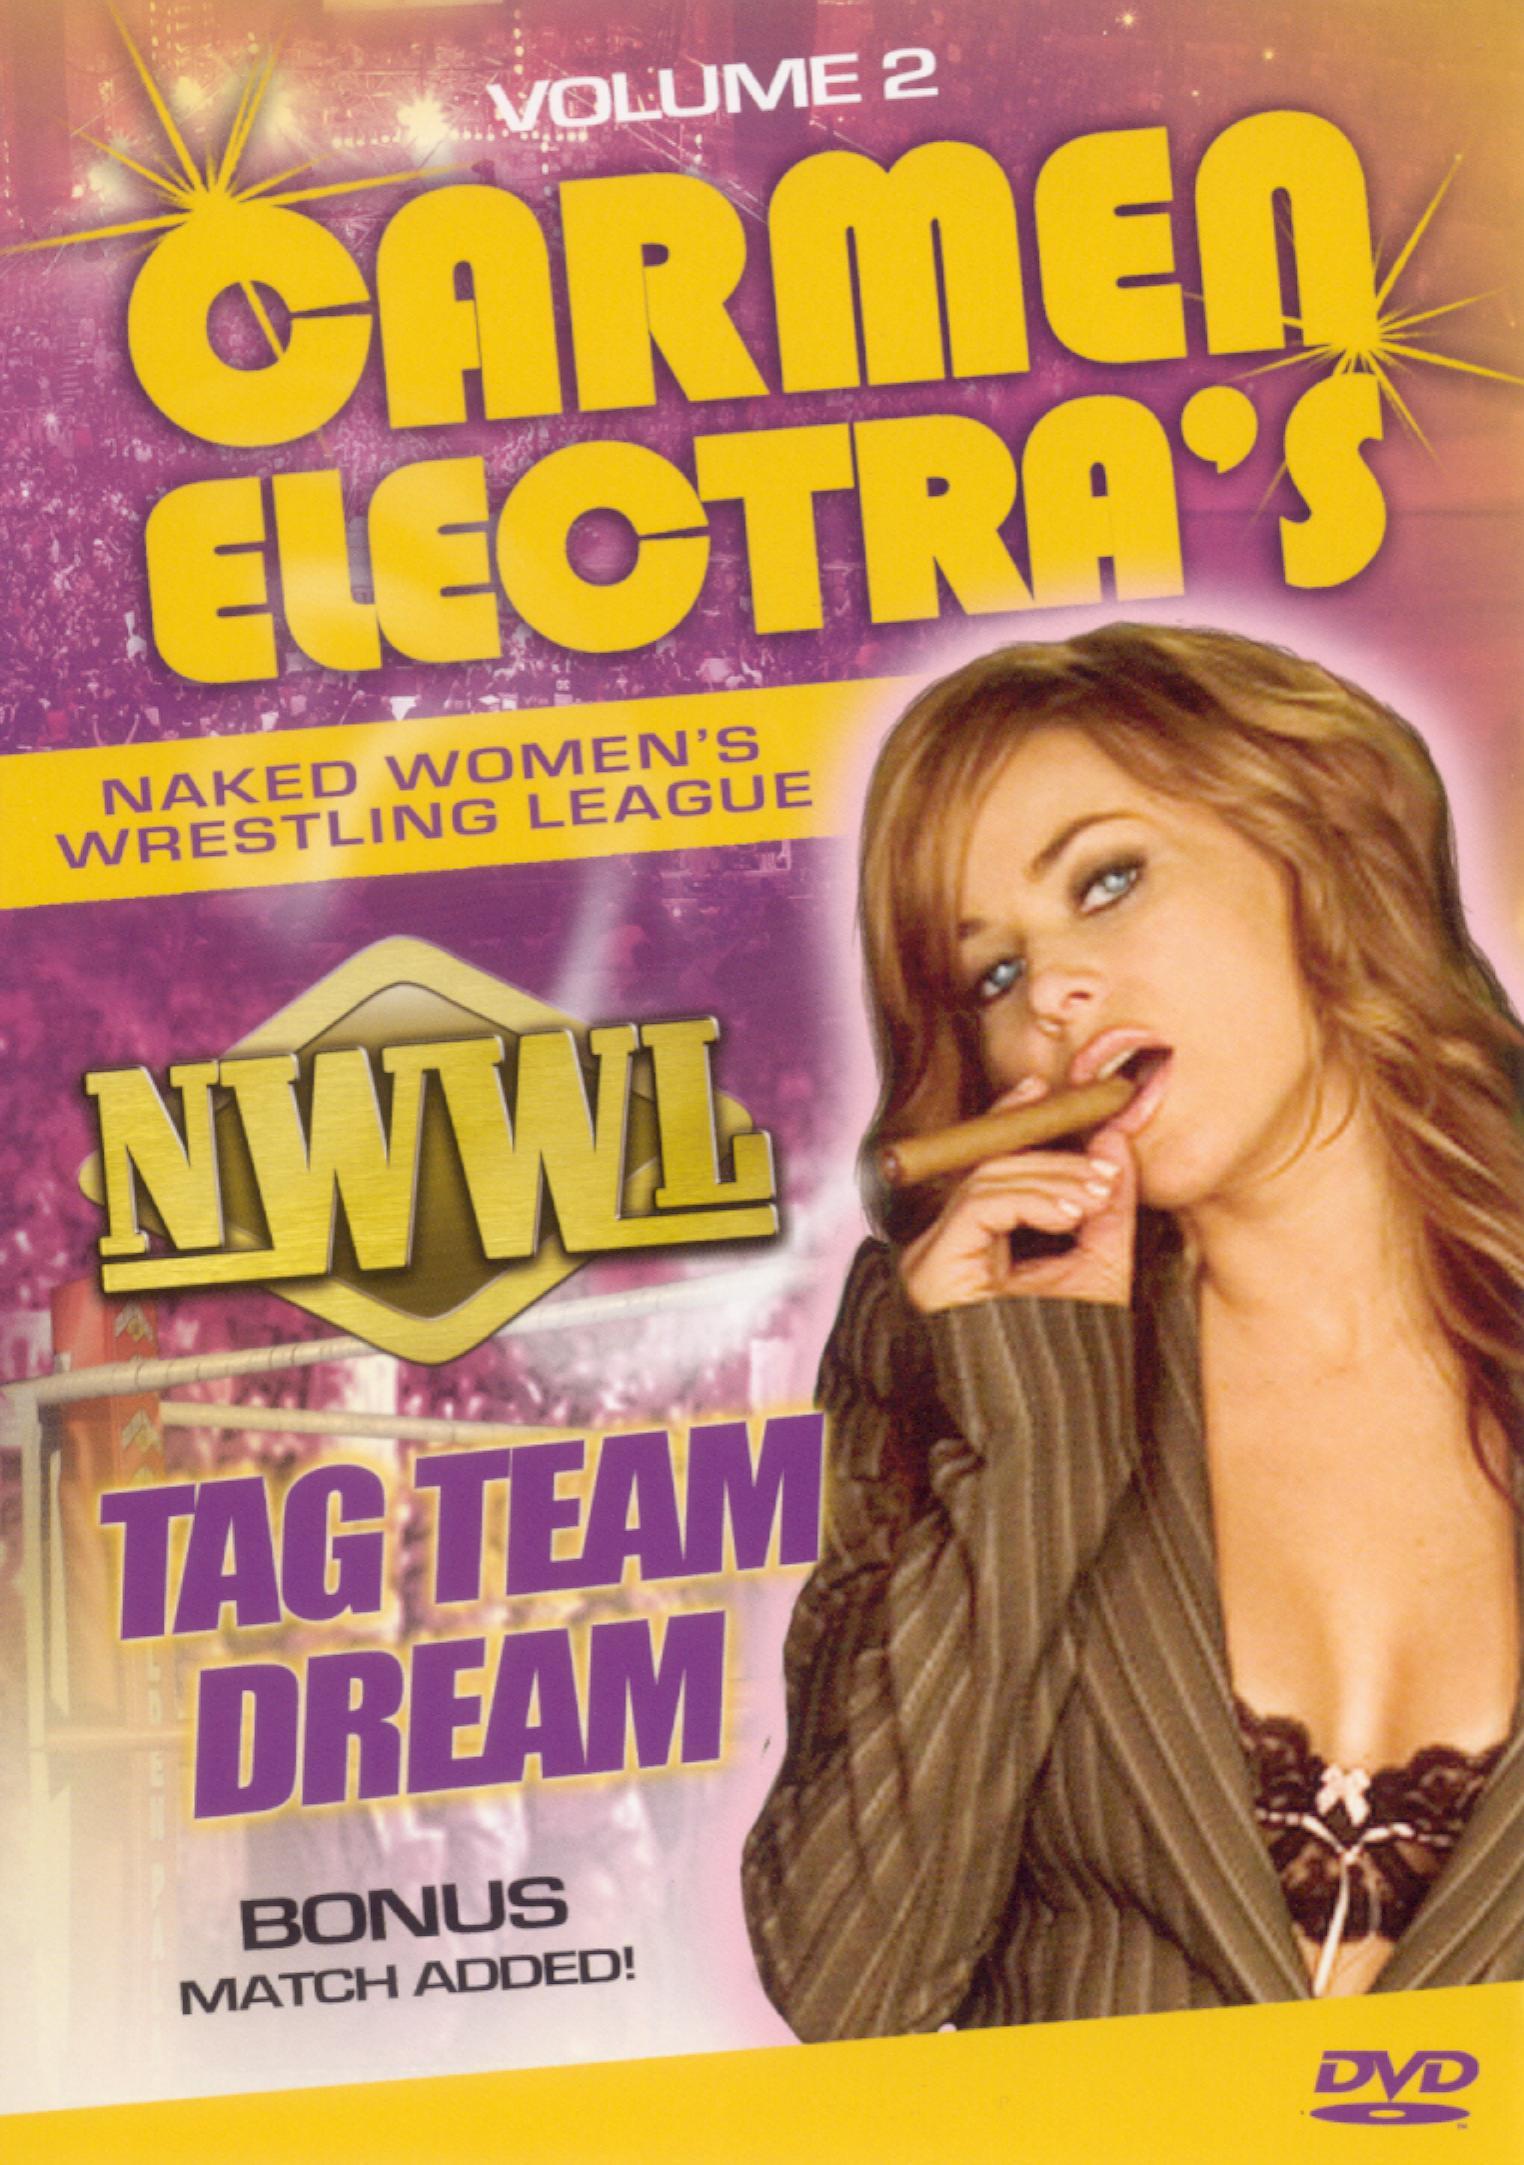 Carmen Electra's NWWL, Vol. 2: Tag-Team Dream